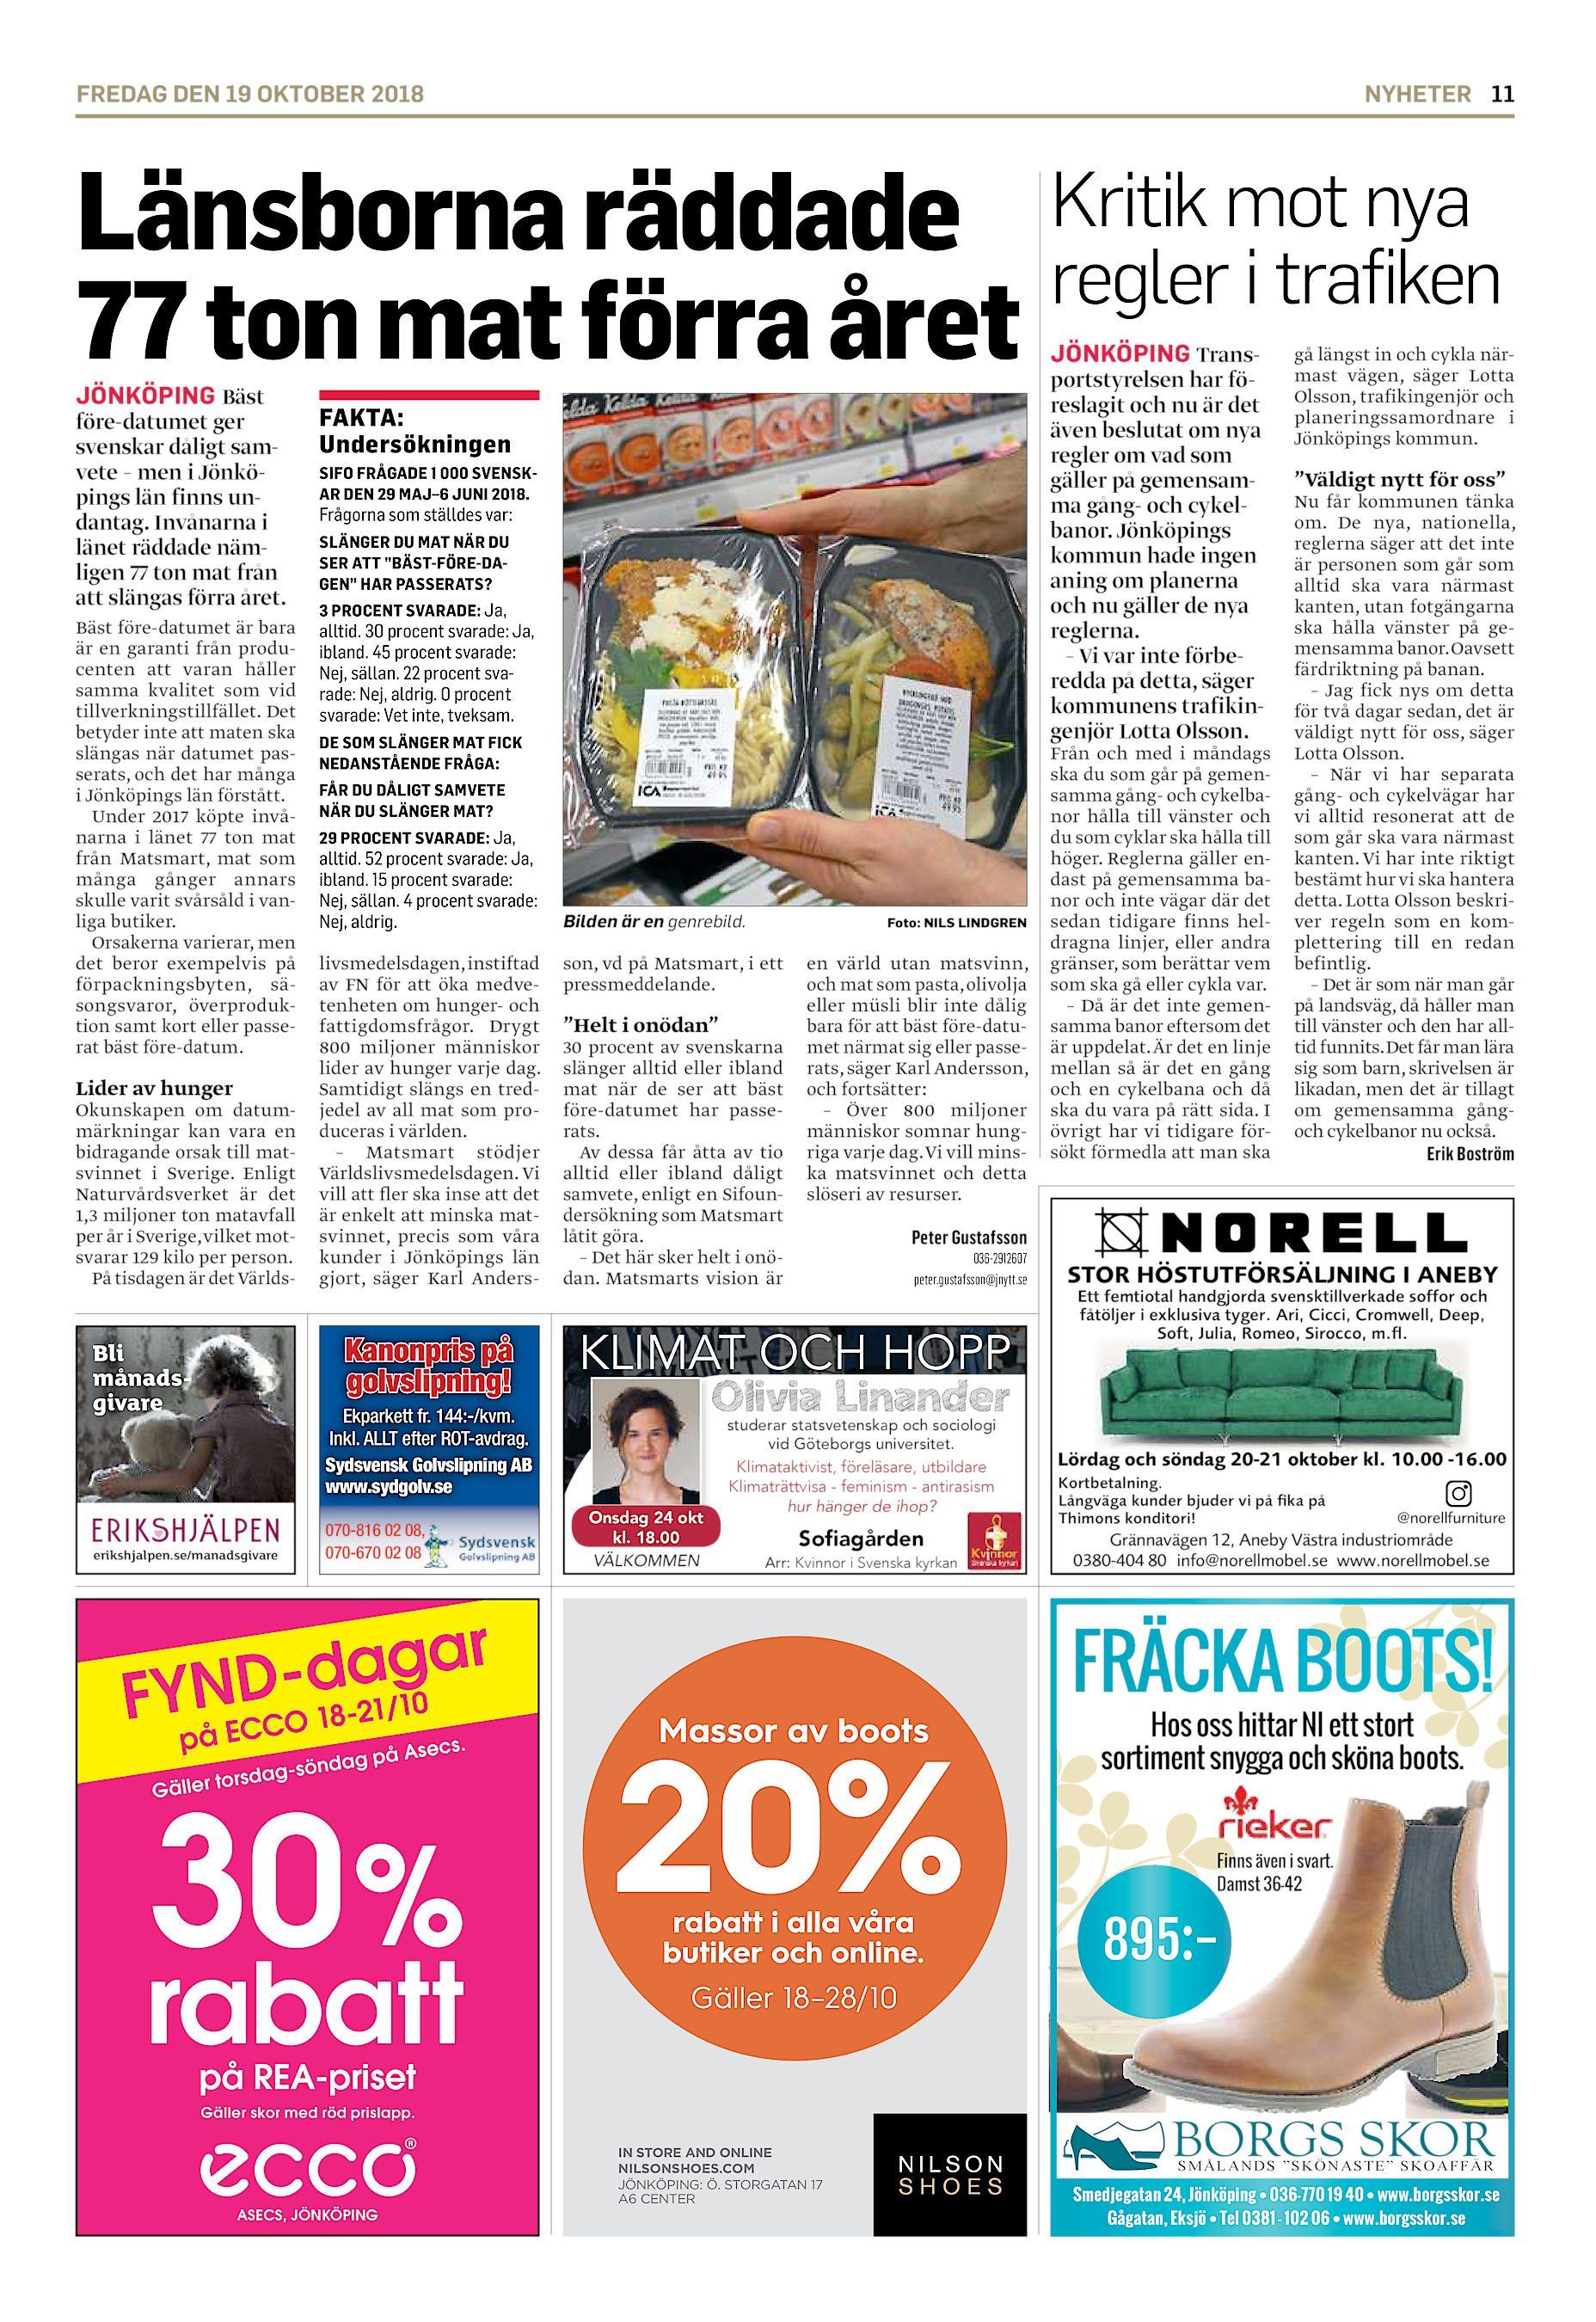 65dbe5b9665 FREDAG DEN 19 OKTOBER 2018 NYHETER 11 Länsborna räddade Kritik mot nya  regler i trafiken 77 ton mat förra året JÖNKÖPING Bäst före-datumet ger  svenskar ...